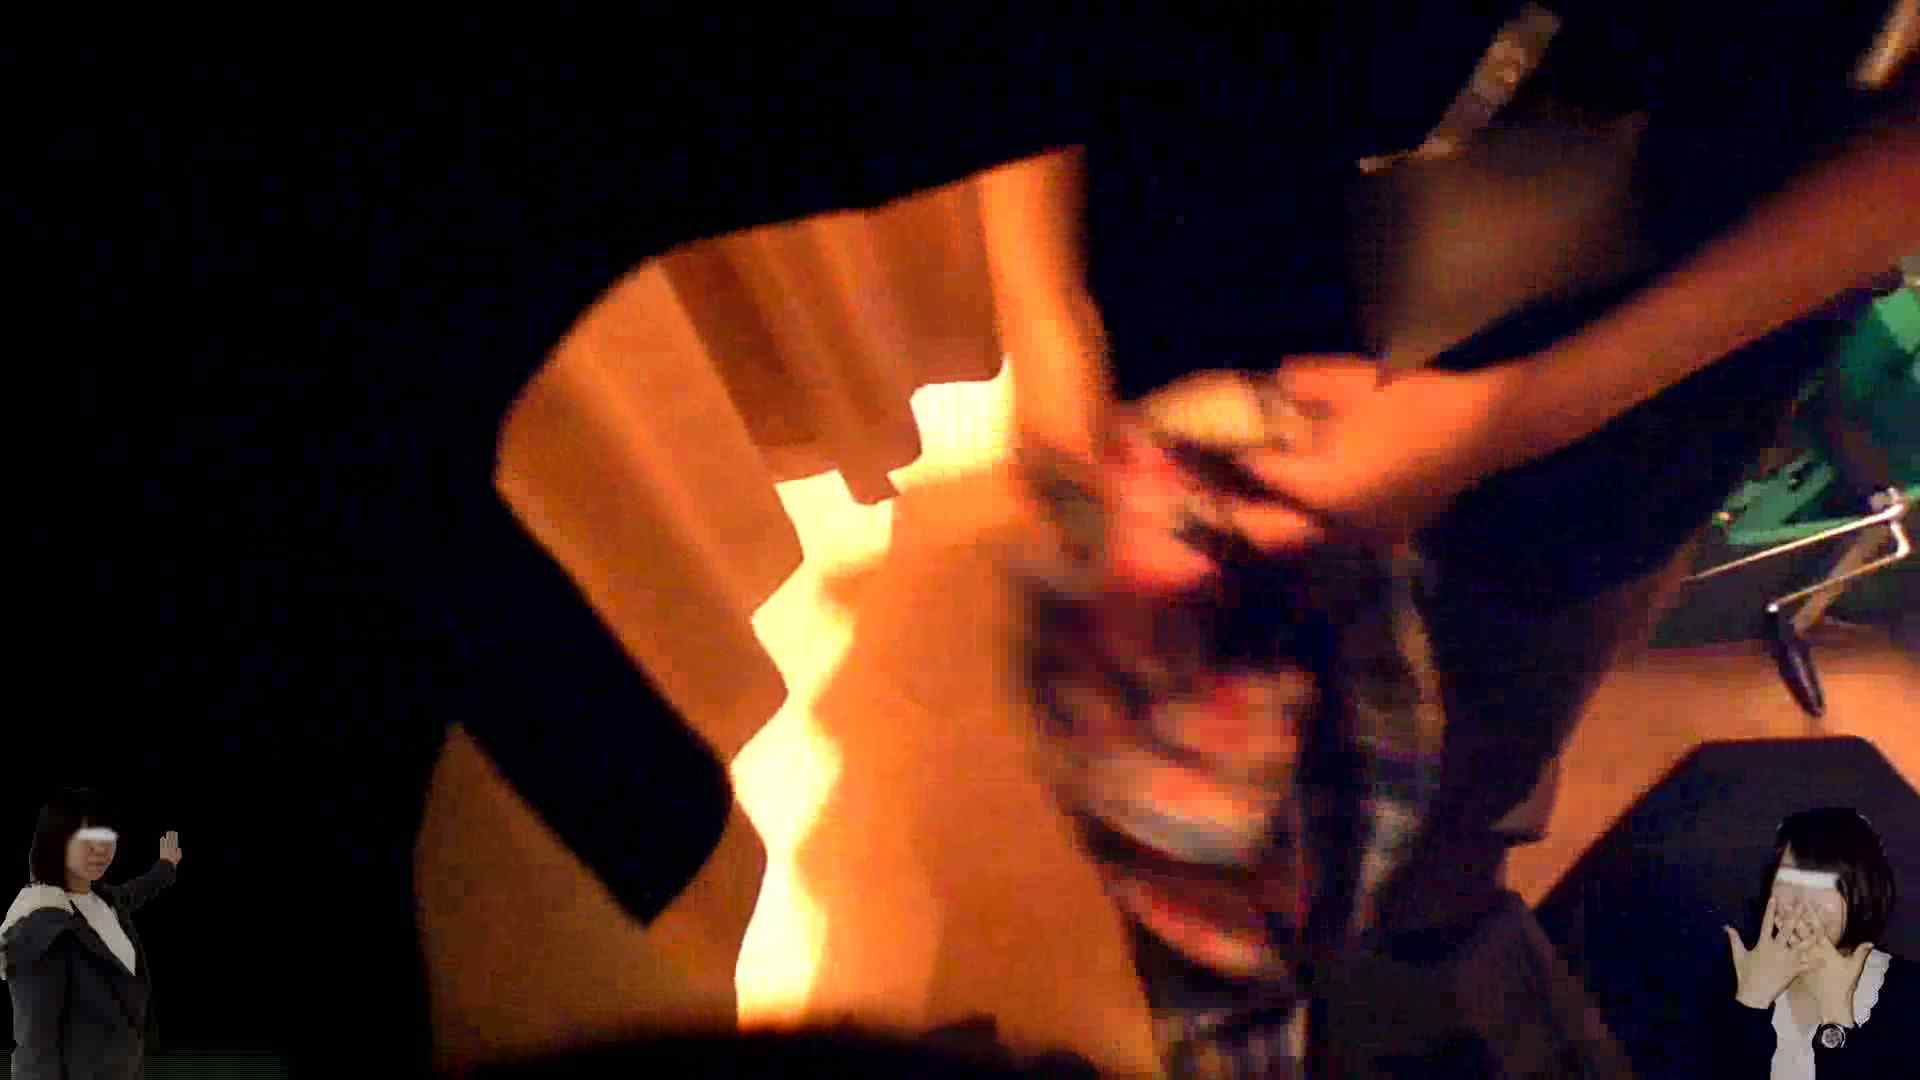 素人投稿 現役「JD」Eちゃんの着替え Vol.04 素人丸裸 おまんこ無修正動画無料 107pic 34